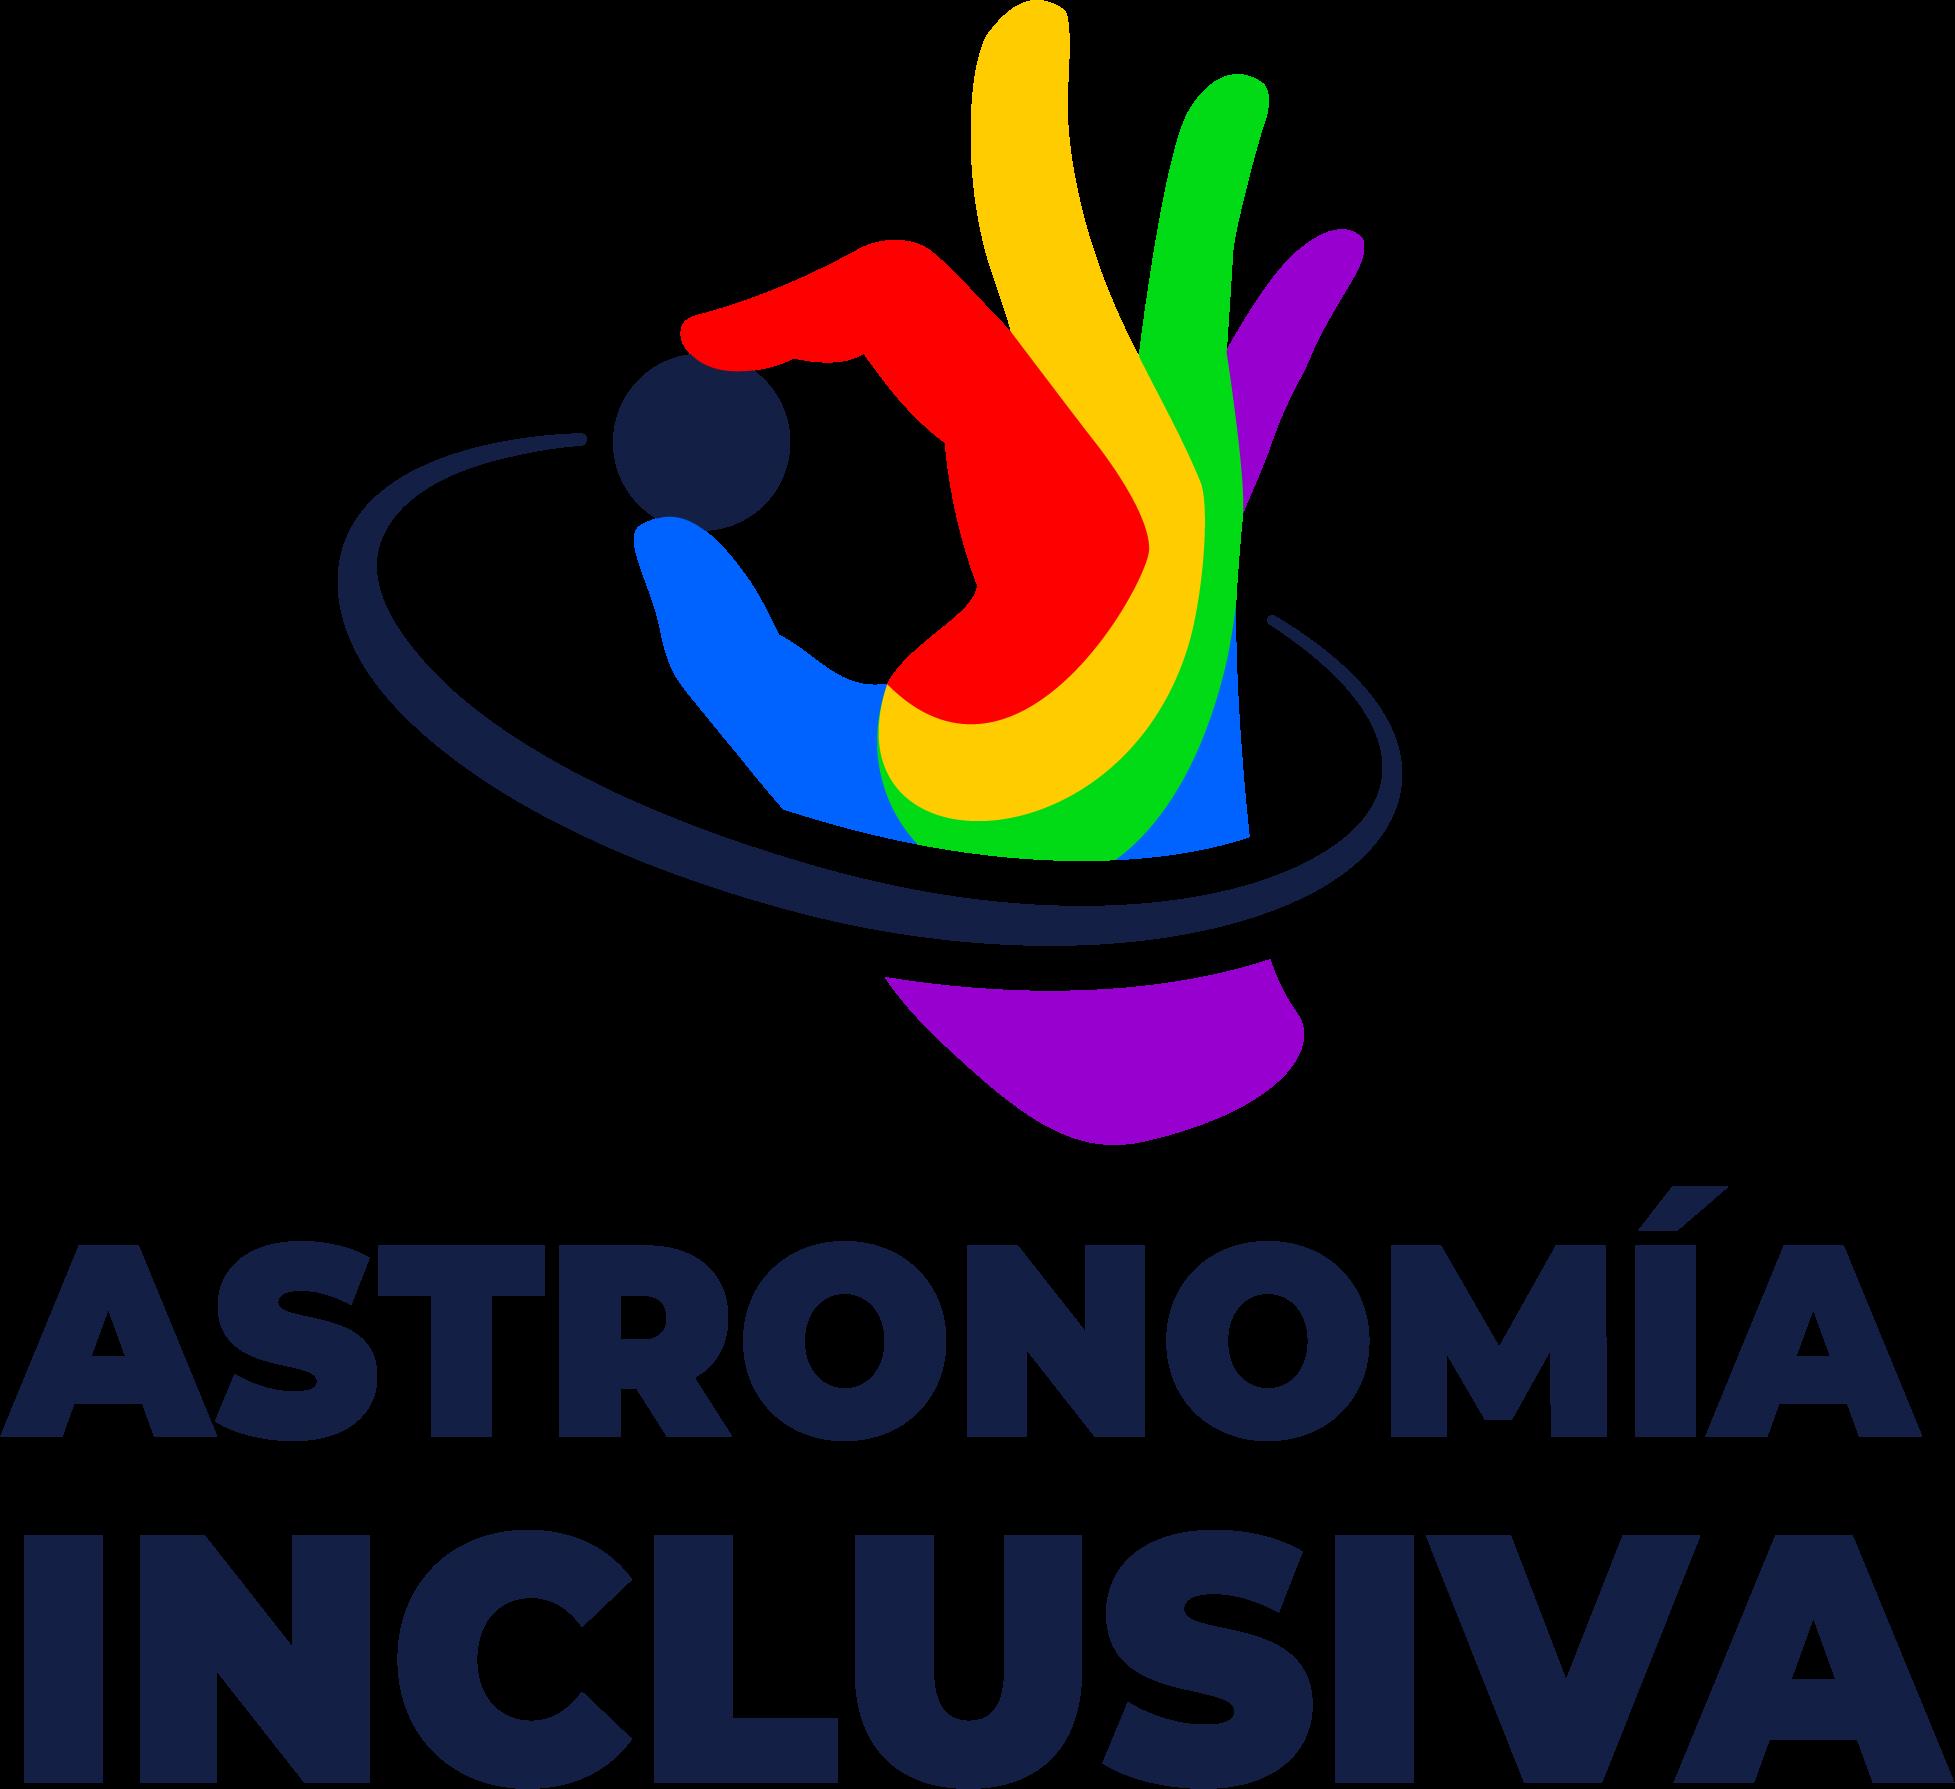 Logo del Grupo de Astronomía inclusiva. Es una mano multicolor, que con el pulgary el dedo índice parece estar tomando una esfera negra, la que tiene parece haber dejado una estela como anillo alrededor de esta mano que la toma.